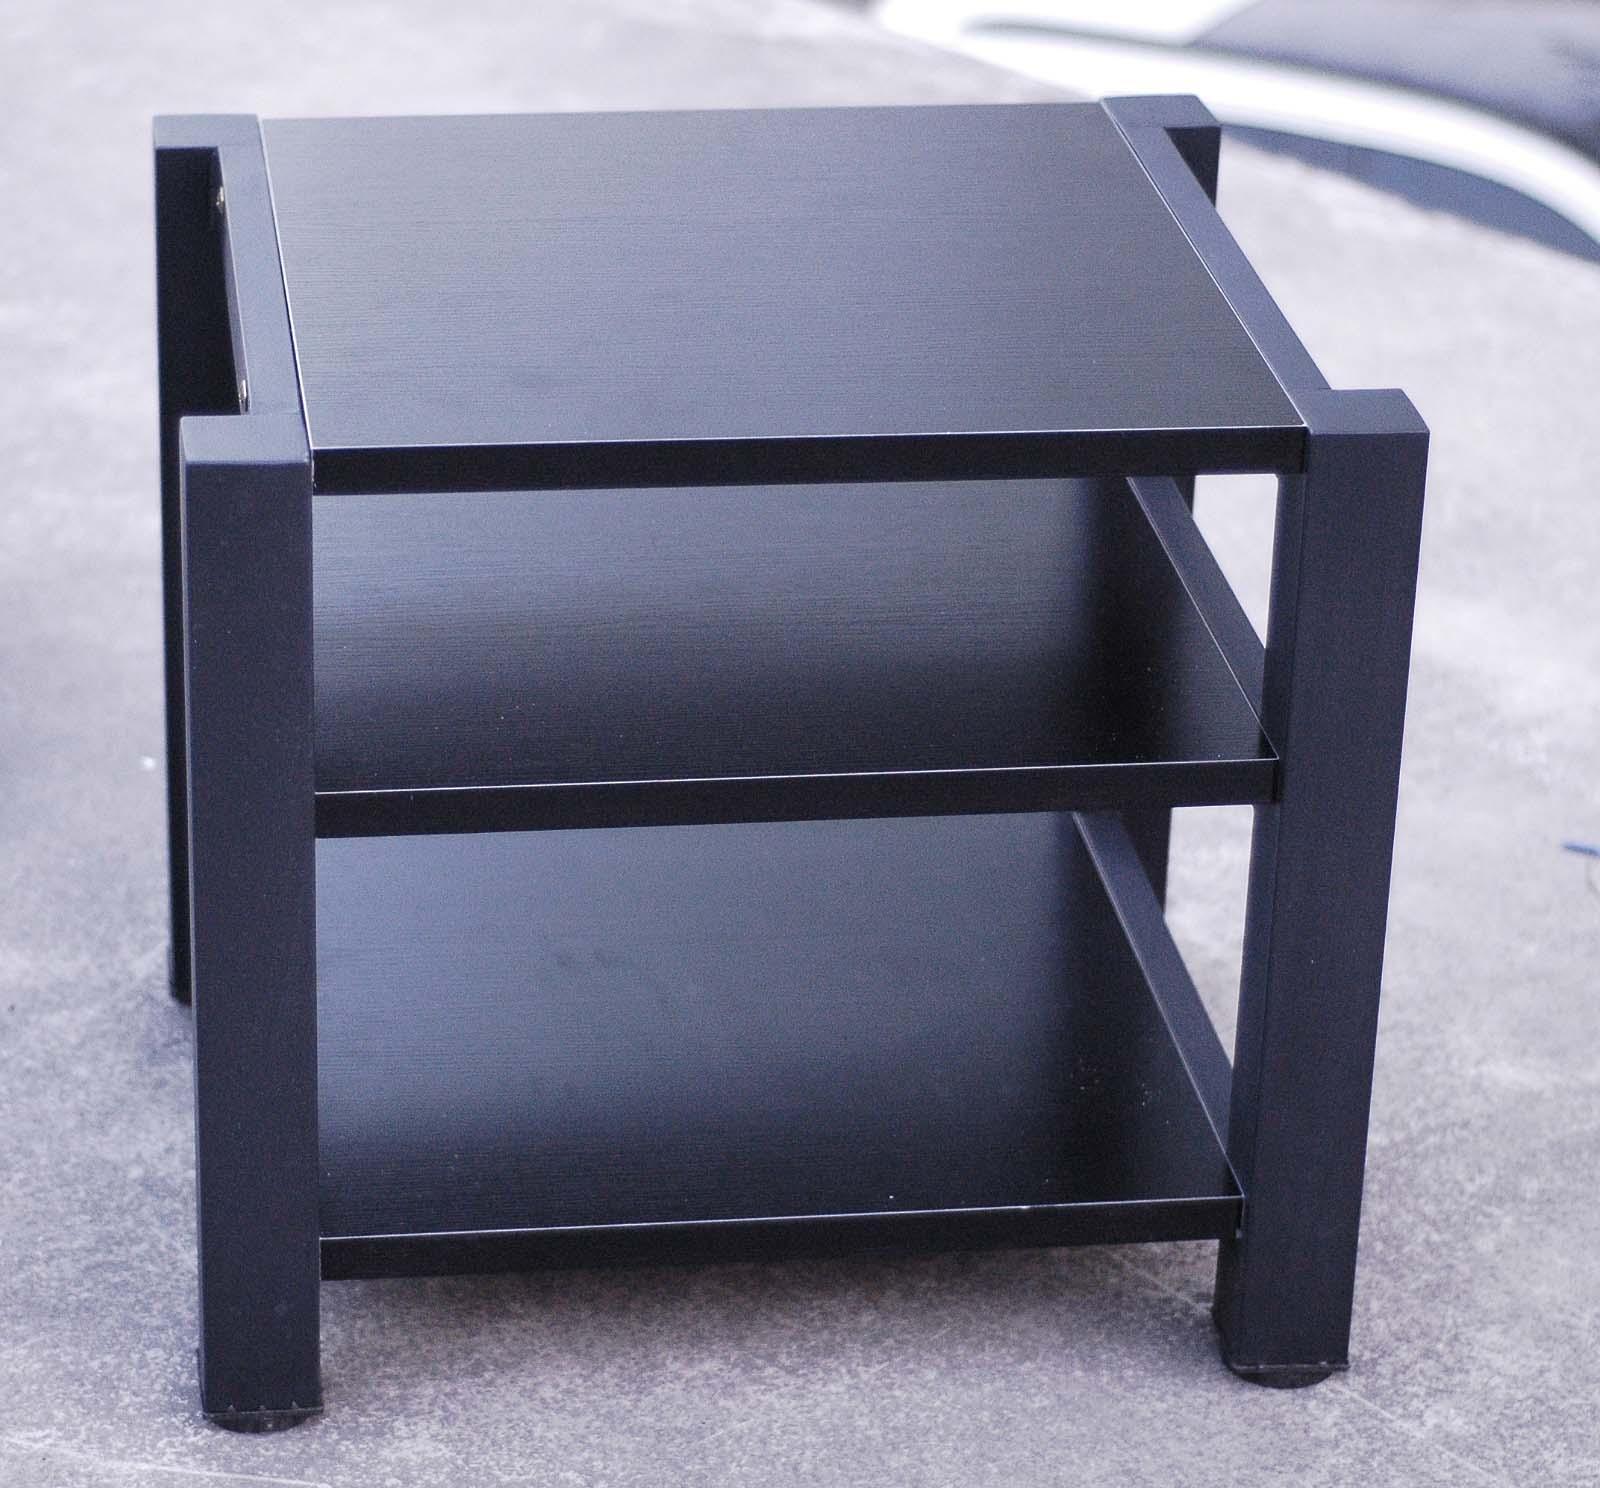 Pa - Kabinett Bild audio - Geräte stehen 234 schicht Holz - Metall - ktv - TV - Kabinett ein Kino - Kabinett